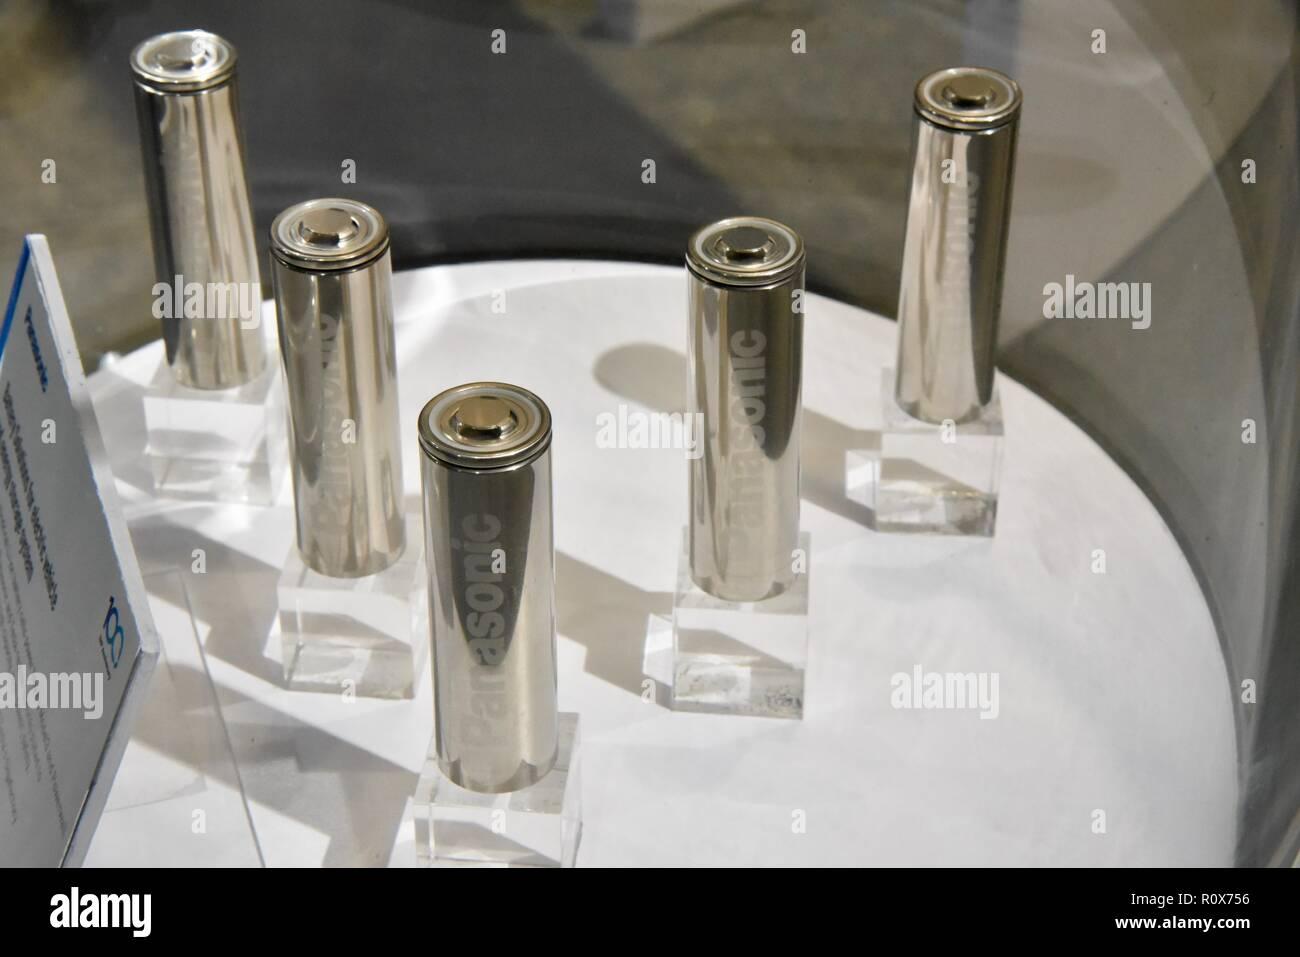 Panasonic de celdas de iones de litio para baterías utilizadas en vehículos, Tesla CES (Consumer Electronics Show), la exposición de tecnología más grande del mundo, Las Vegas, EE.UU. Imagen De Stock